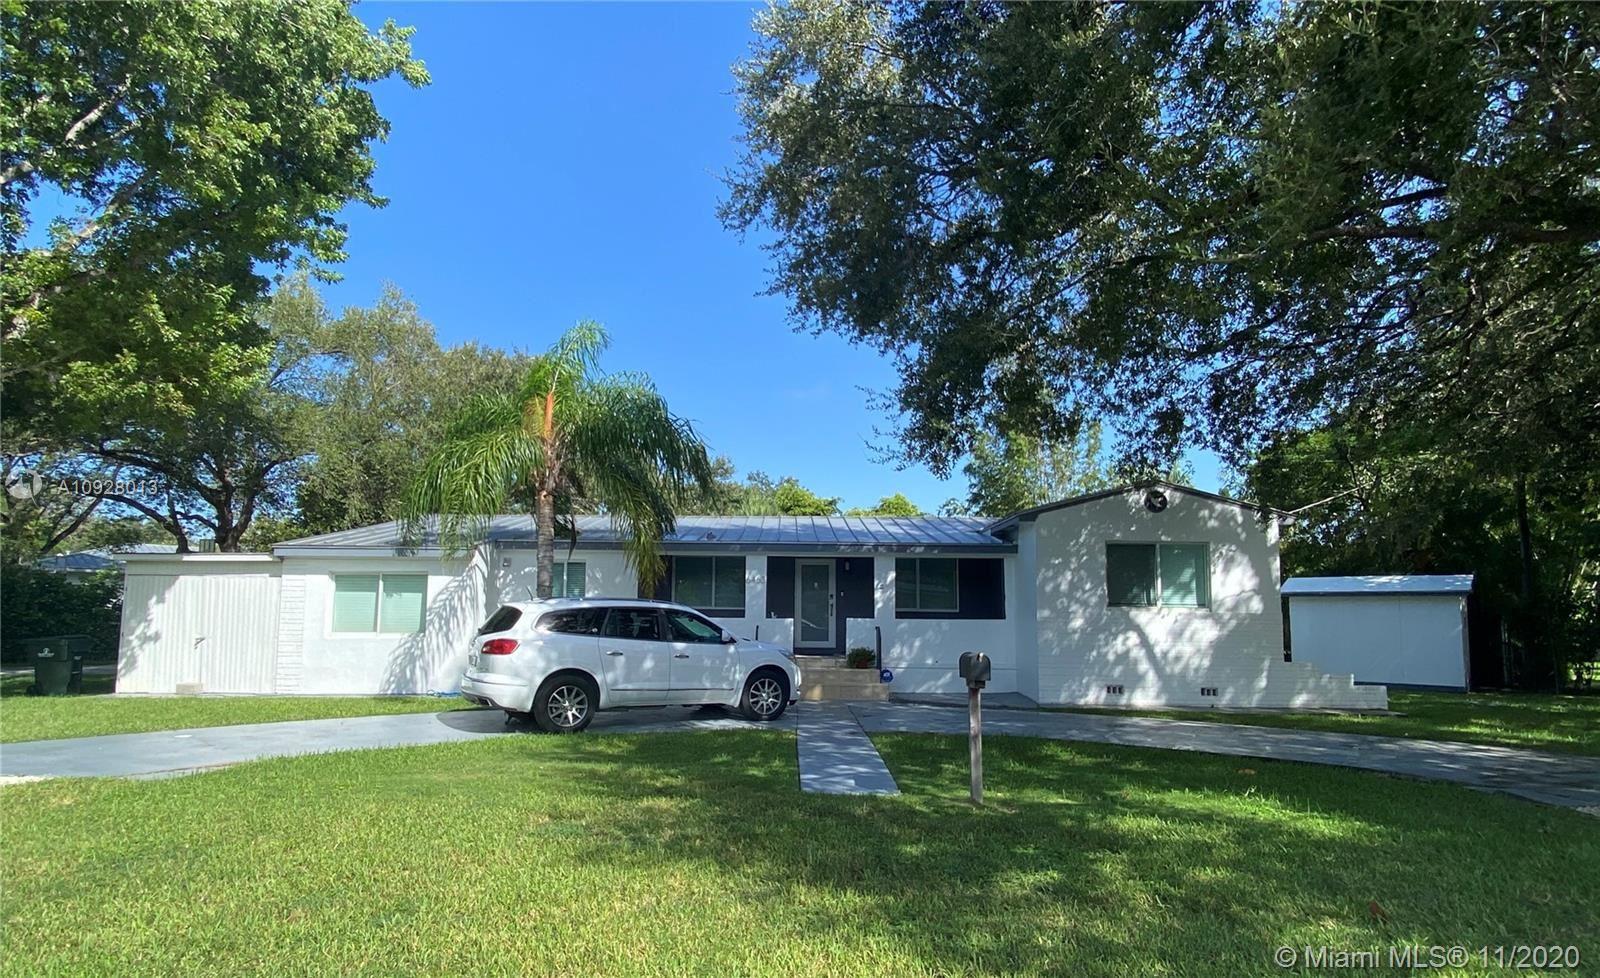 6463 Manor Ln, South Miami, FL 33143 - #: A10928013